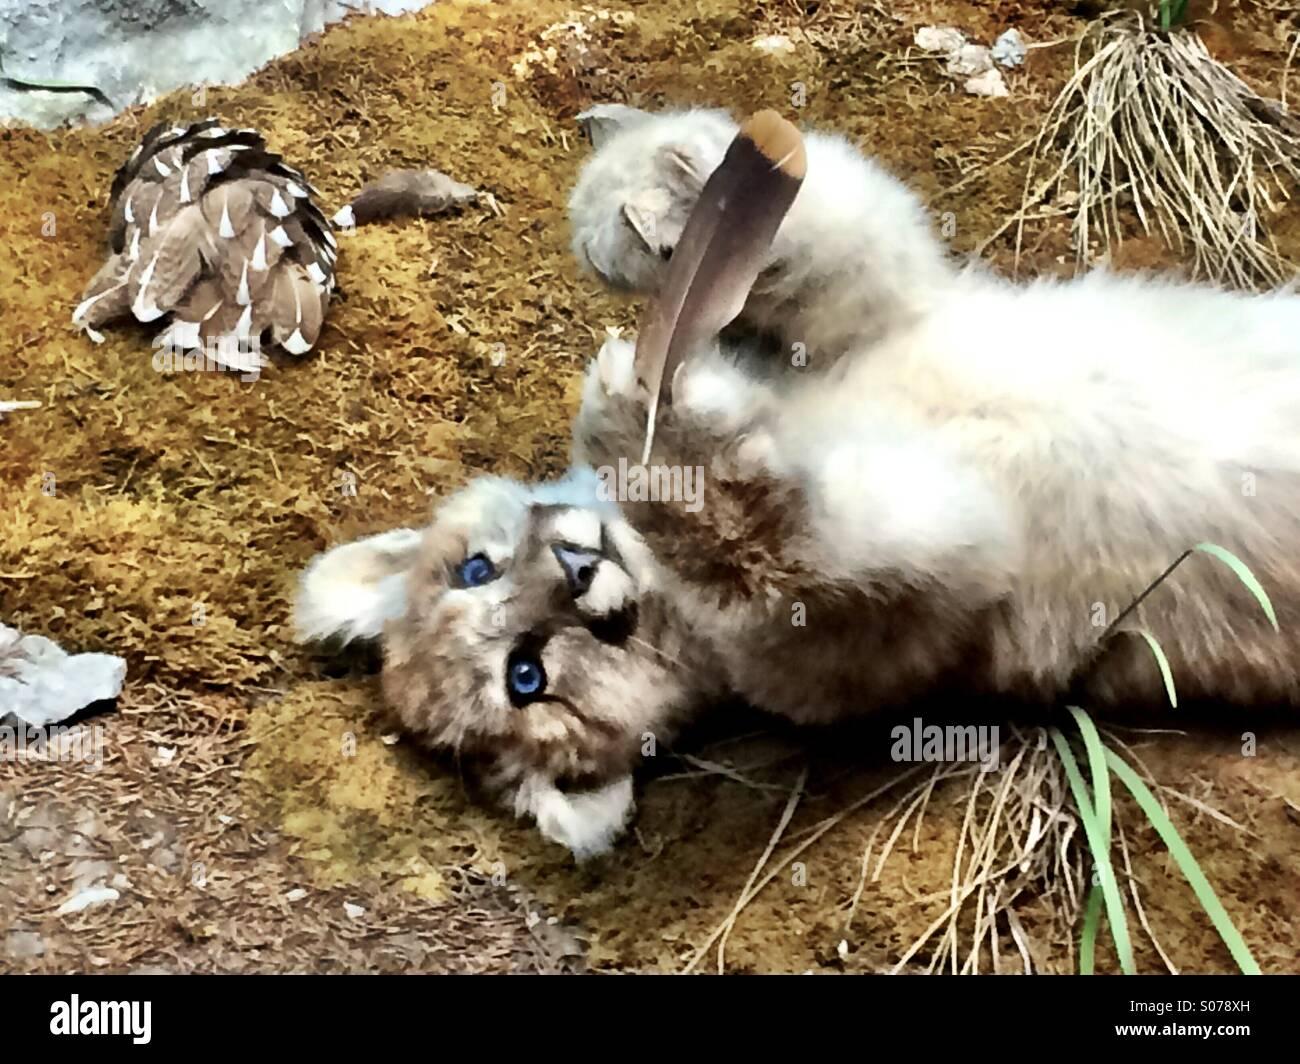 Puma Steht Auf Junges Fleisch